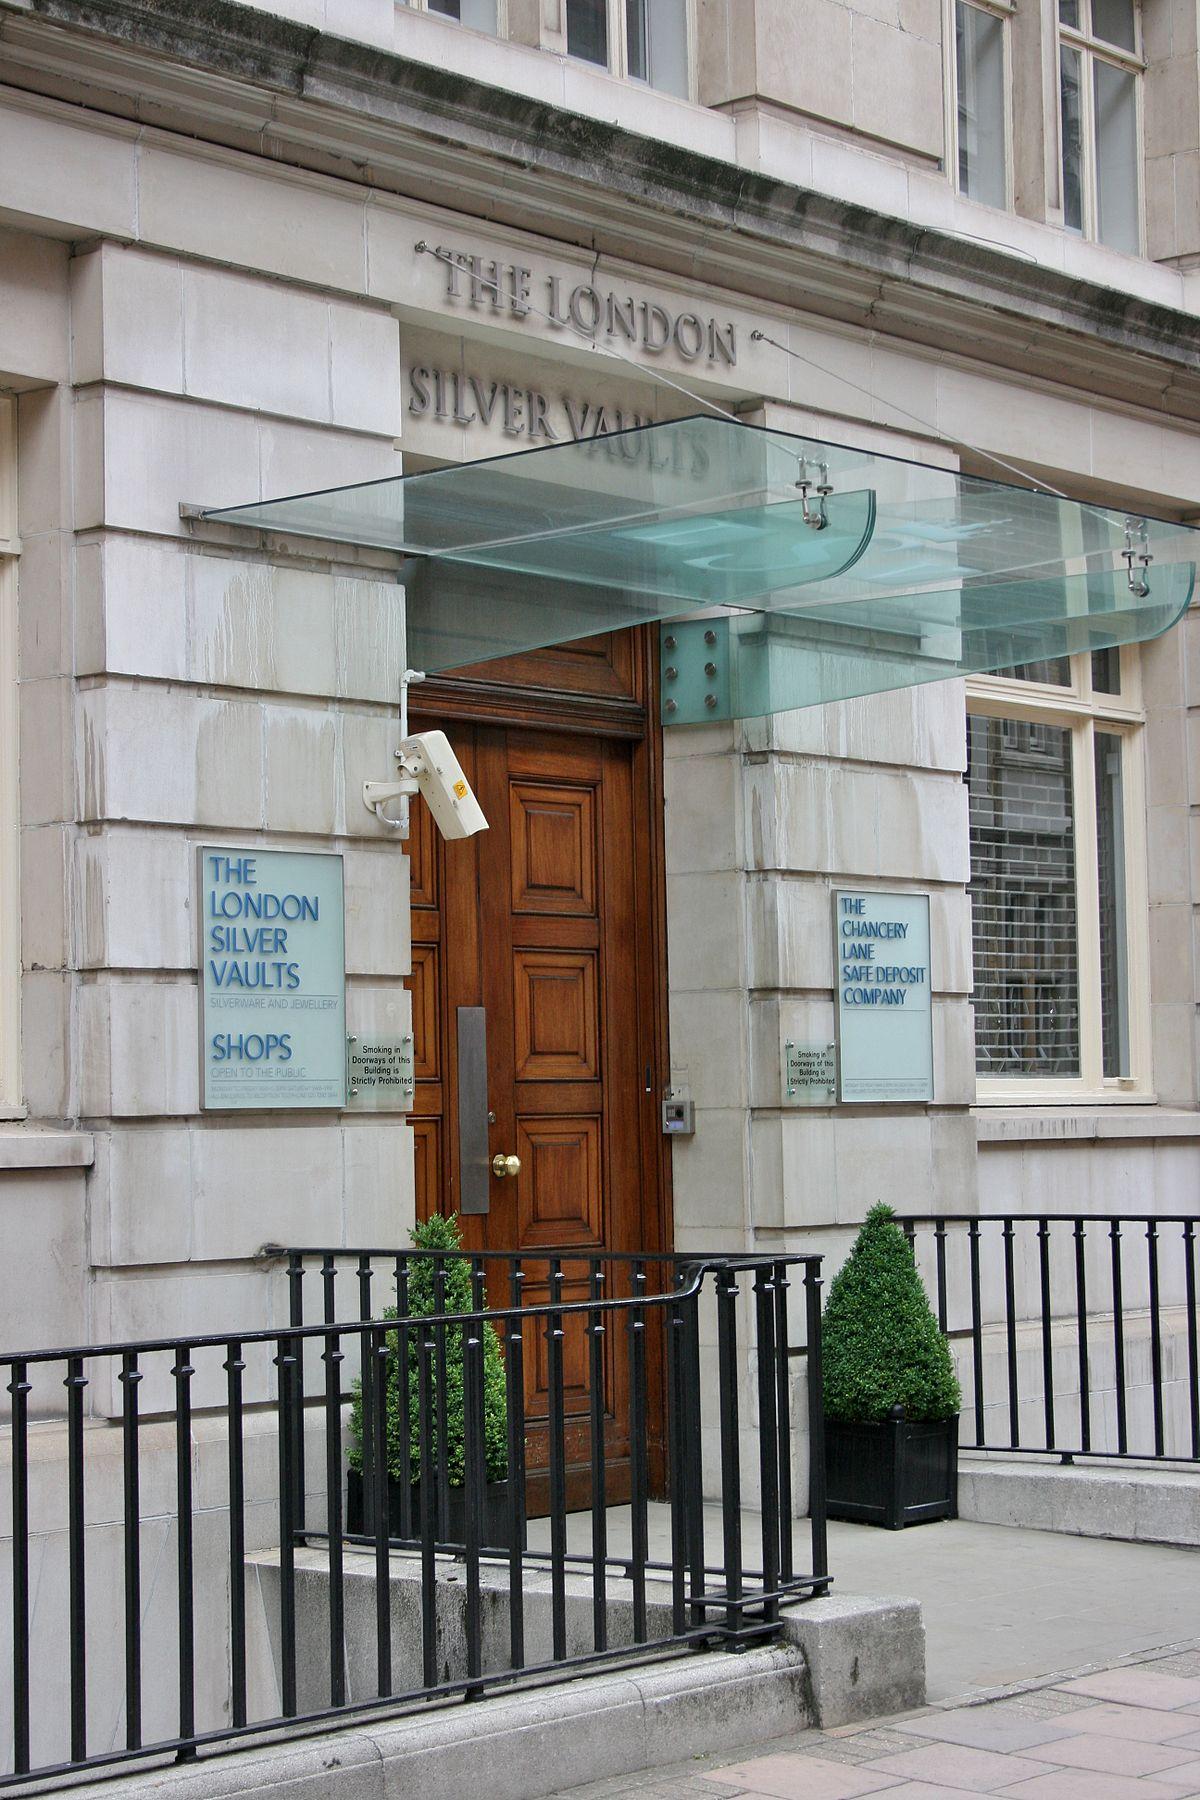 London Silver Vaults Wikipedia